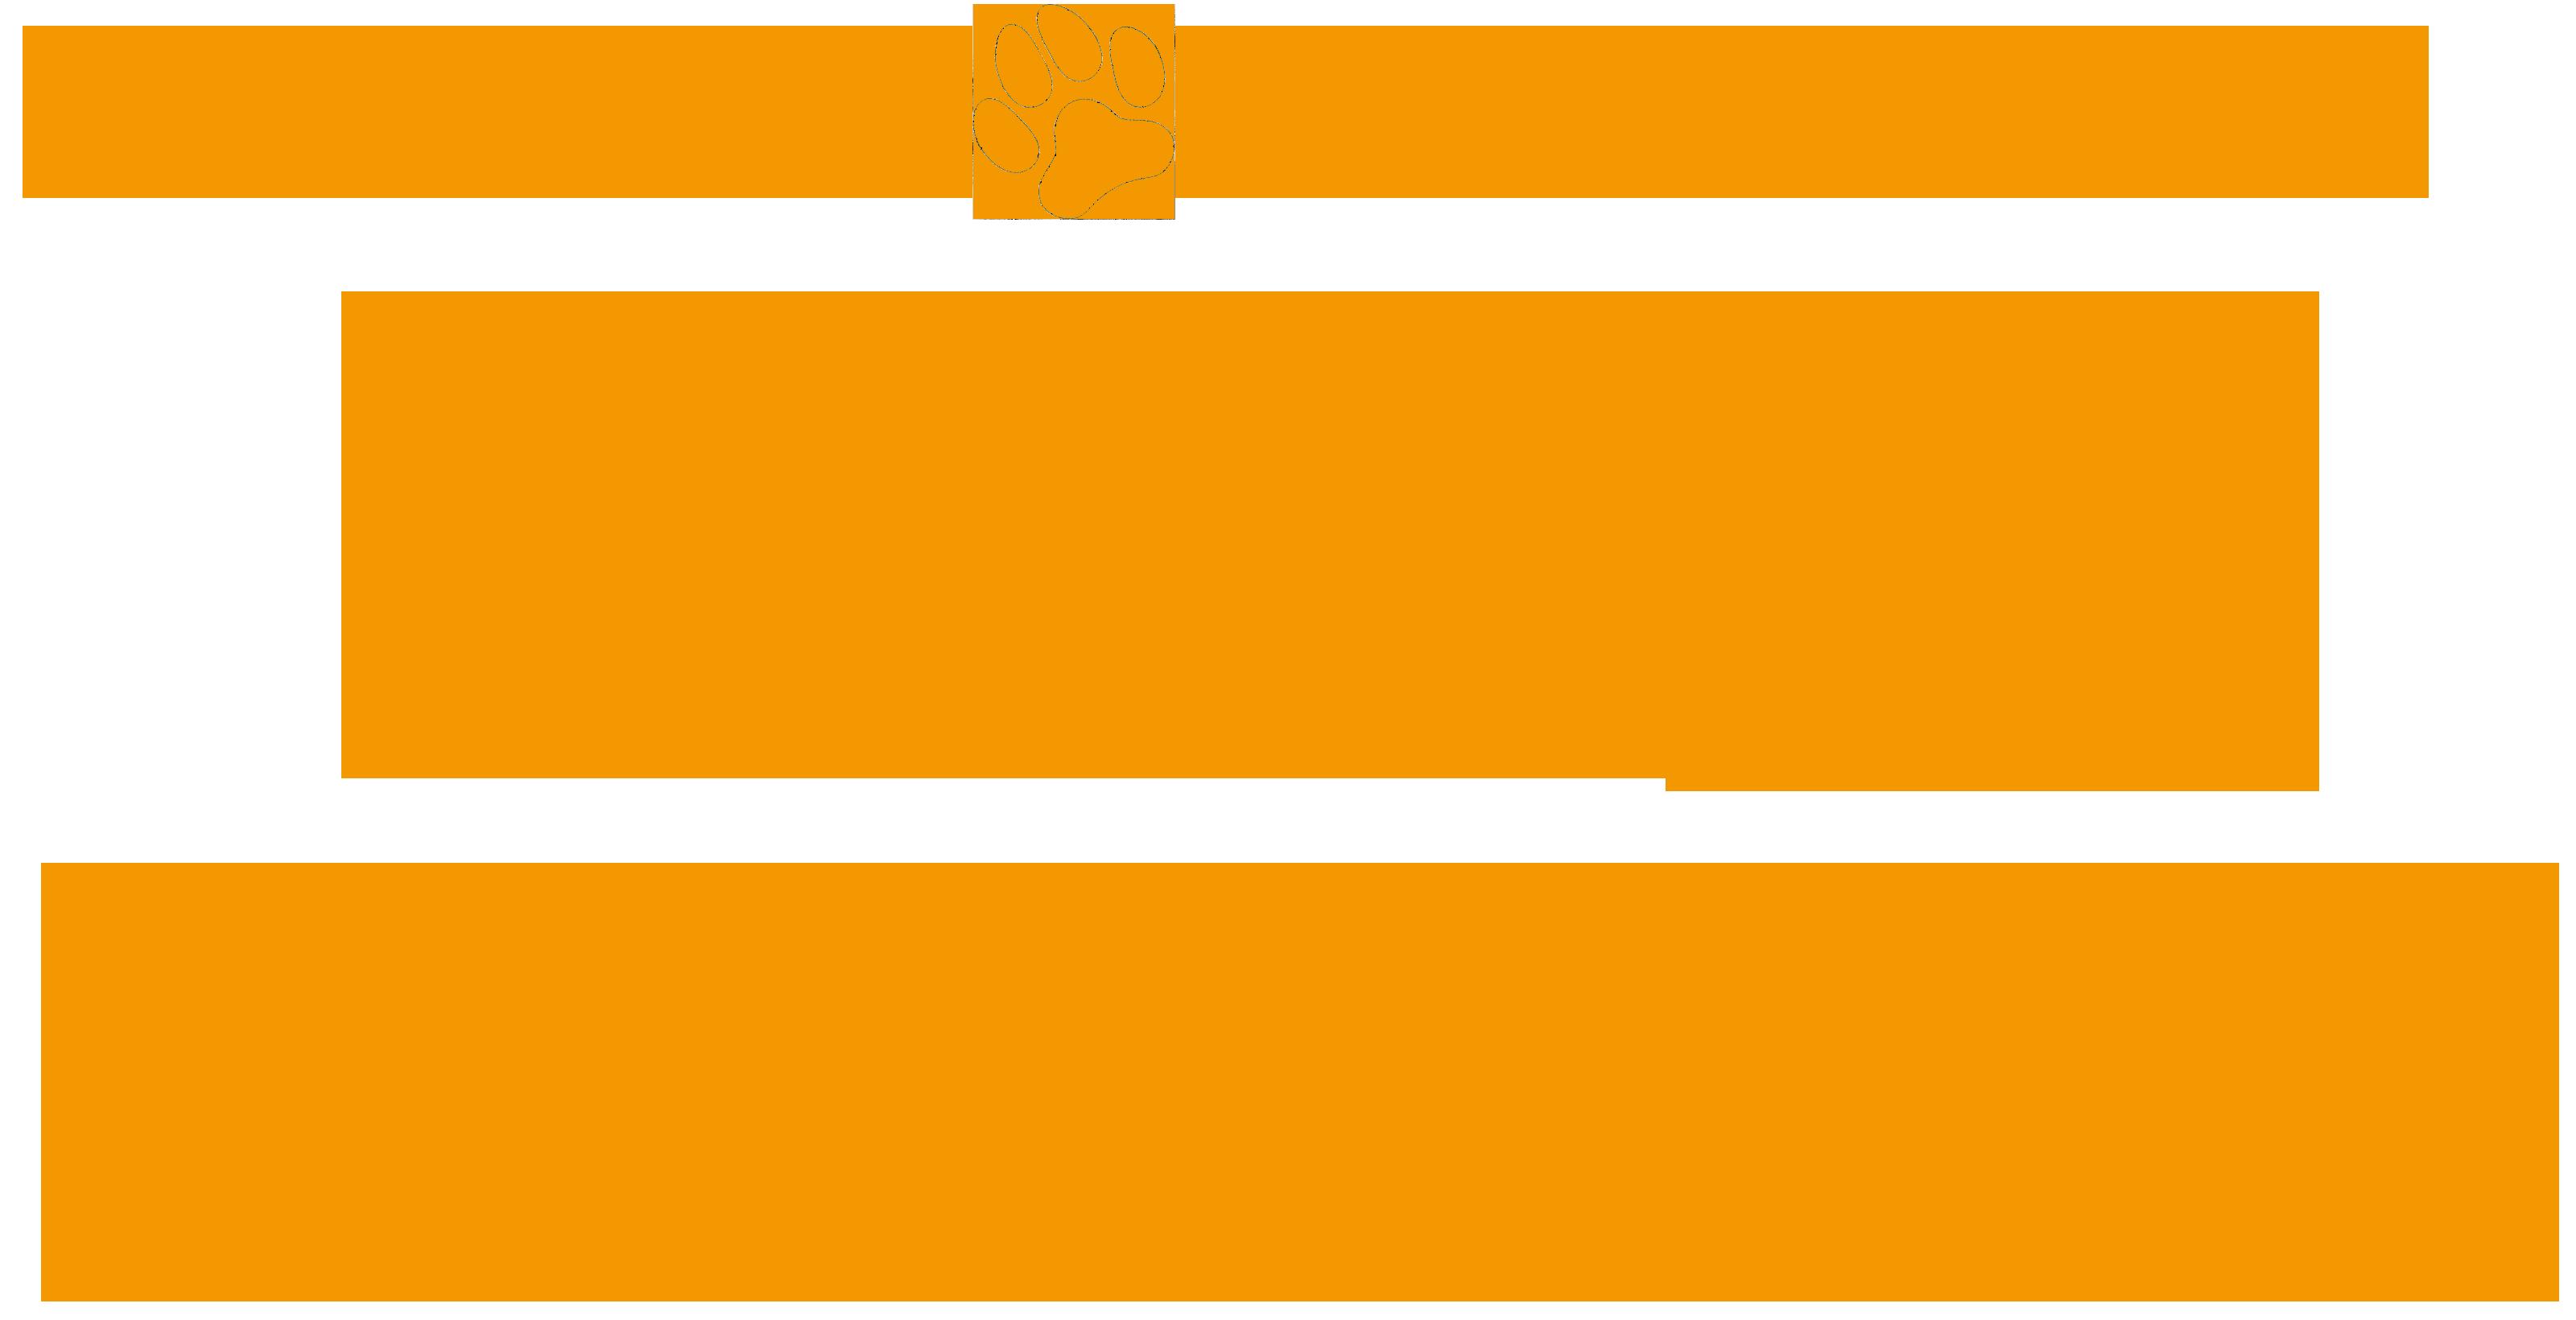 わんダフル・ライフサポート Harmony Online Shop